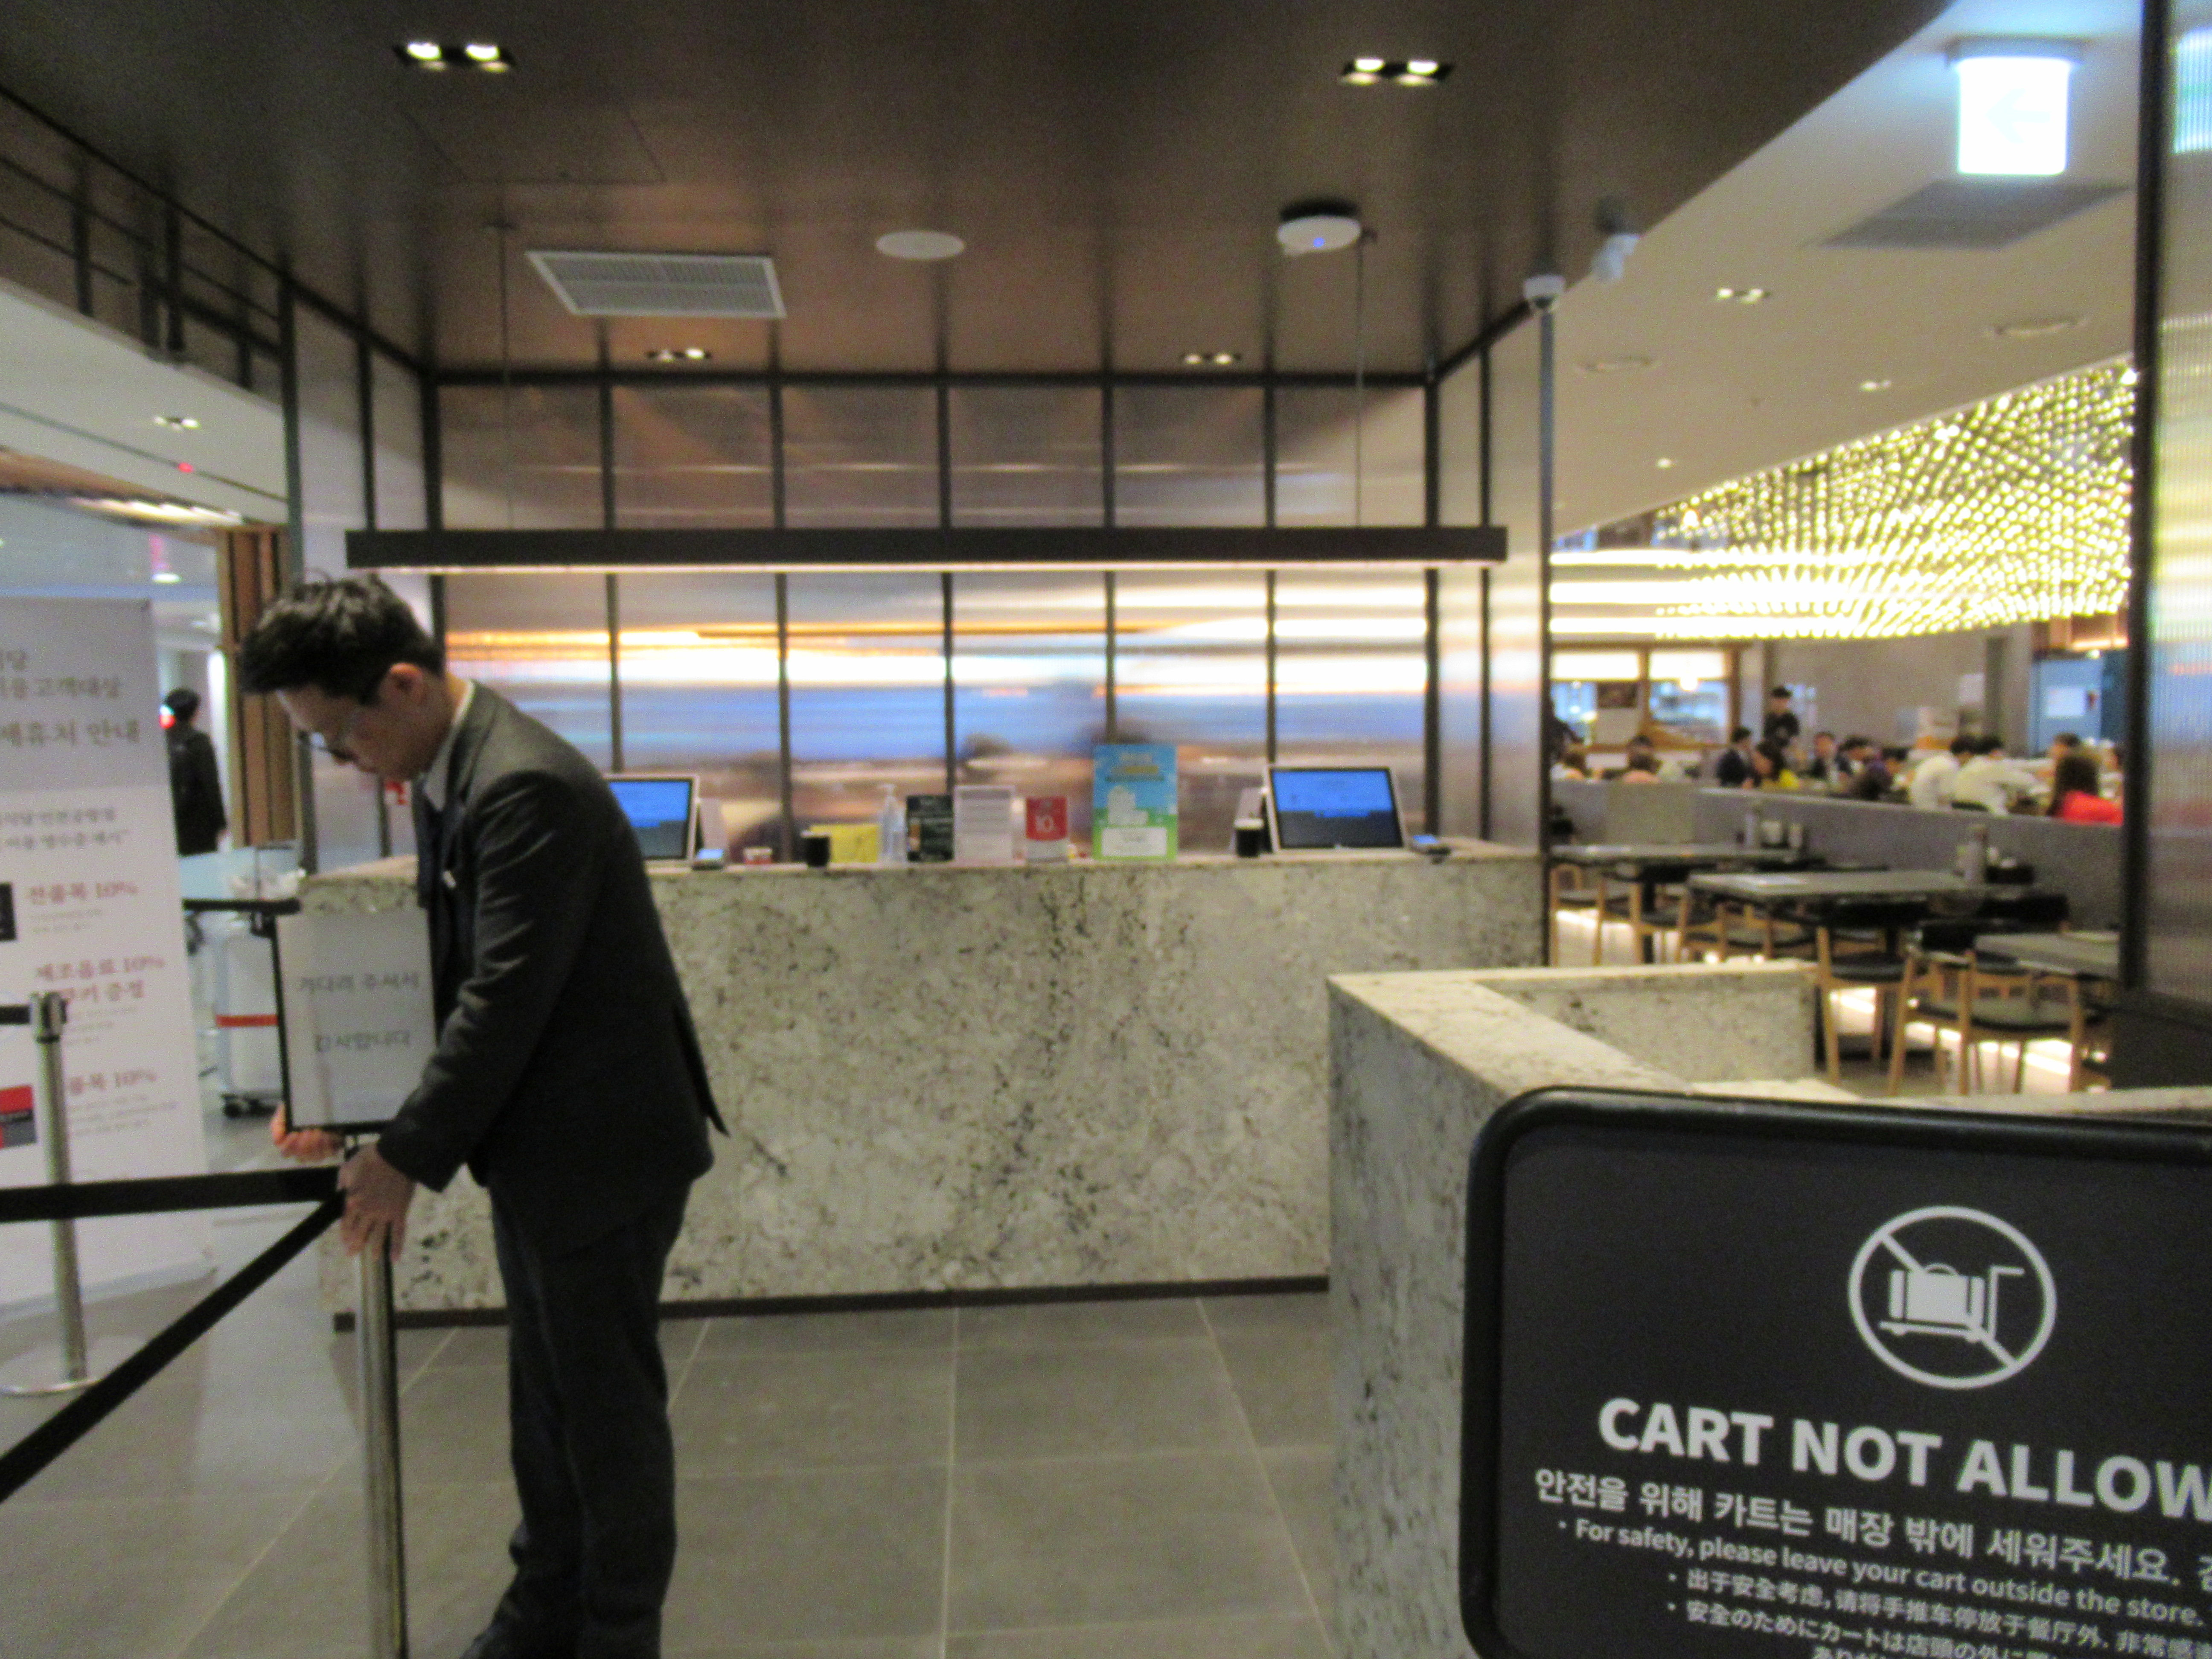 仁川空港の昼食 地下1階「カオプシクタン」注文方法とレビュー|韓国ブログ旅